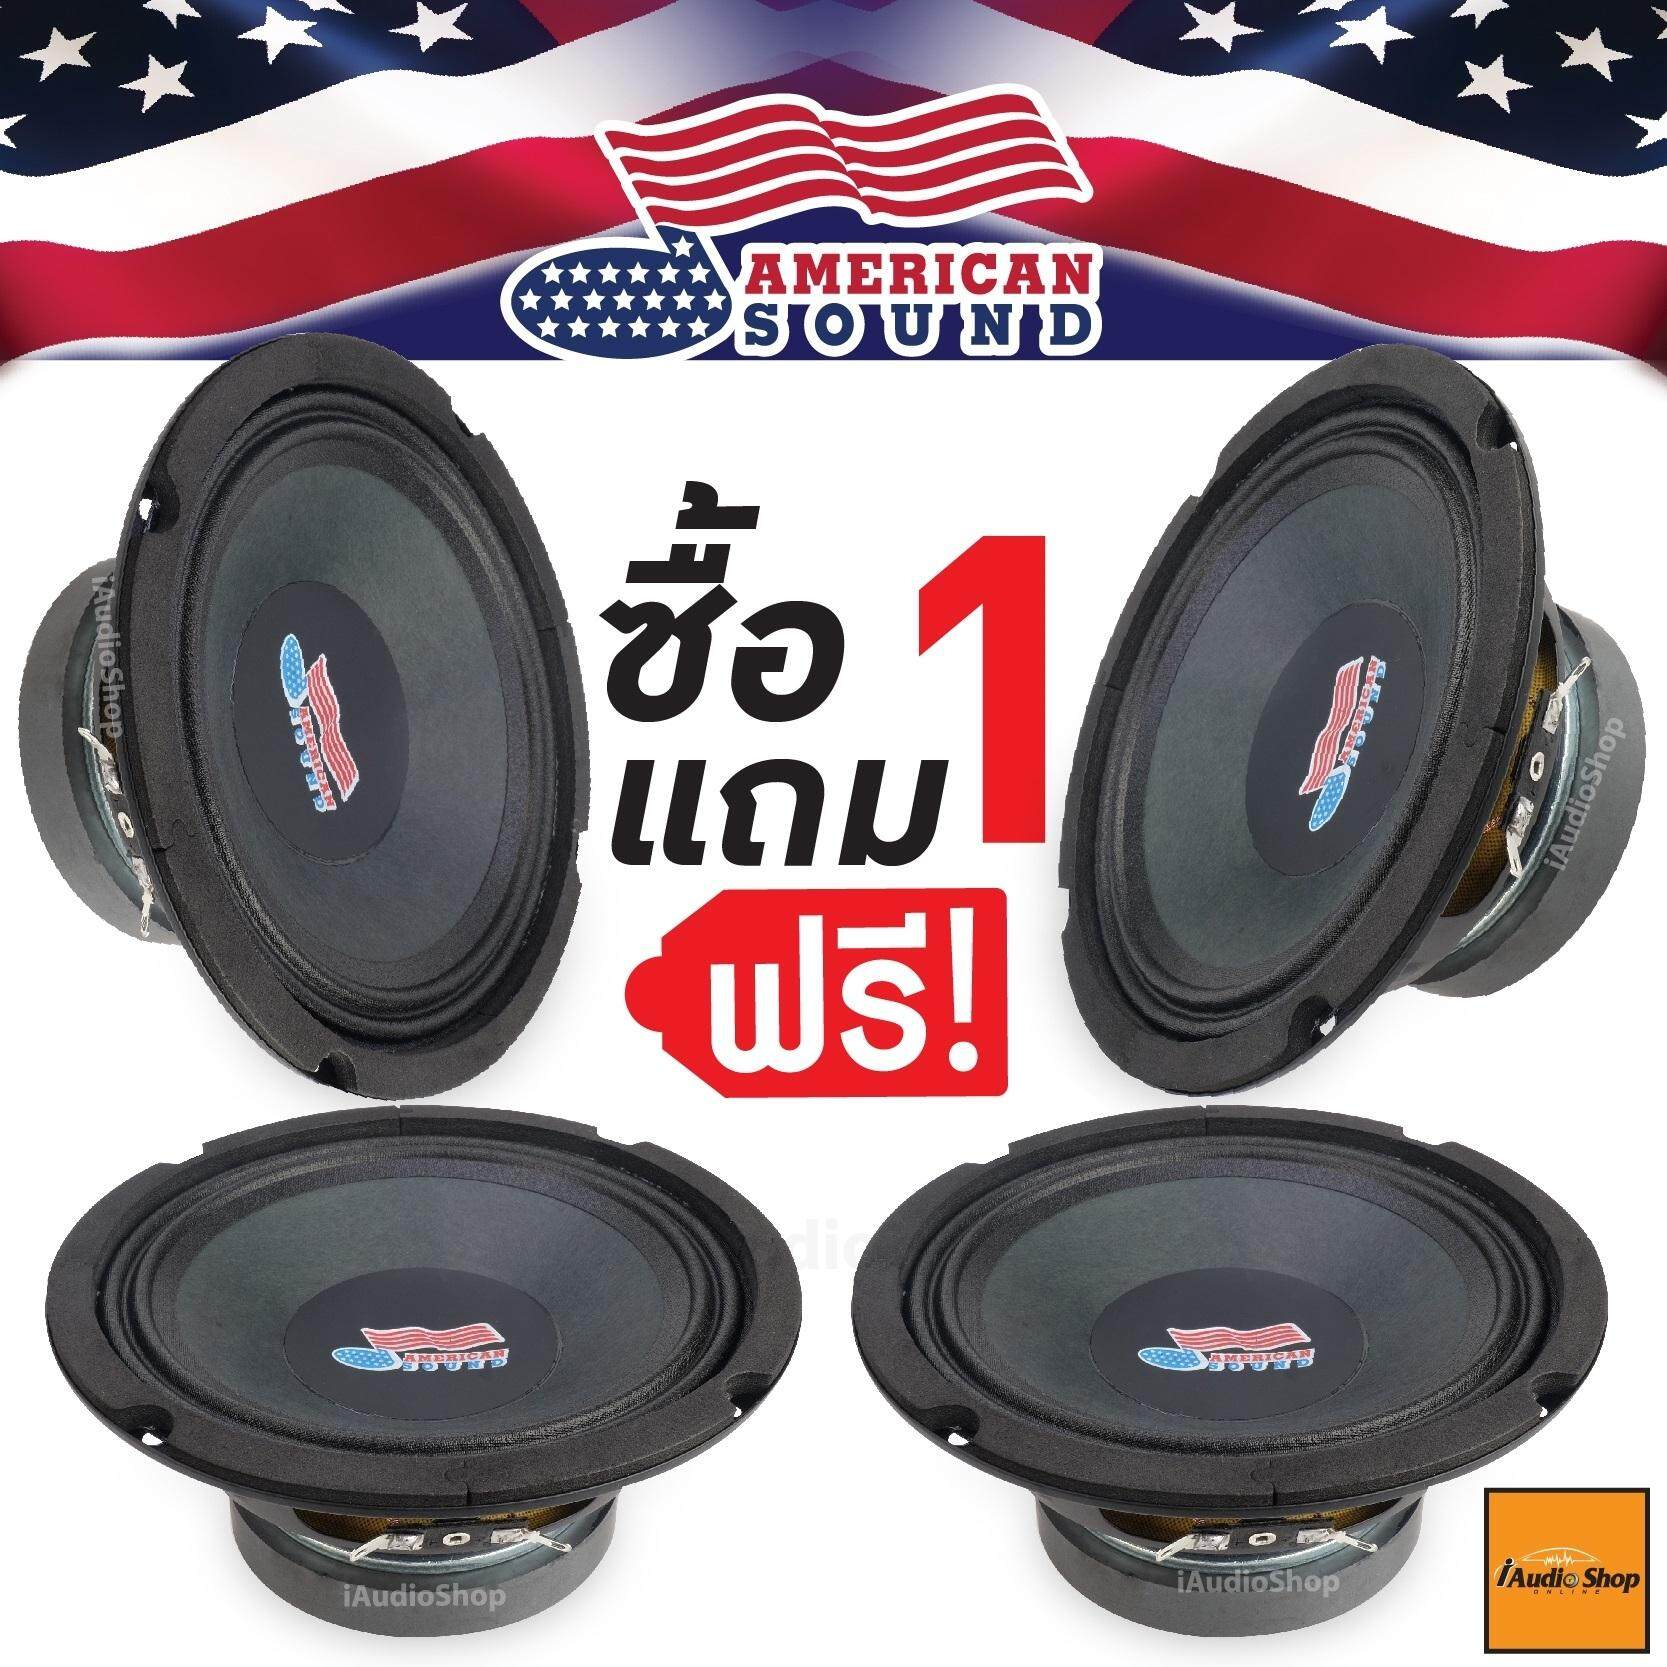 ราคา American Sound ซื้อ1แถม1 ลำโพง ลำโพงเสียงกลาง ขนาด6 5นิ้ว Ams 660Lmtจำนวน 1คู่ แถมฟรี ลำโพงเสียงกลาง Ams 660Lmt เพิ่มอีก 1คู่ ใหม่ ถูก